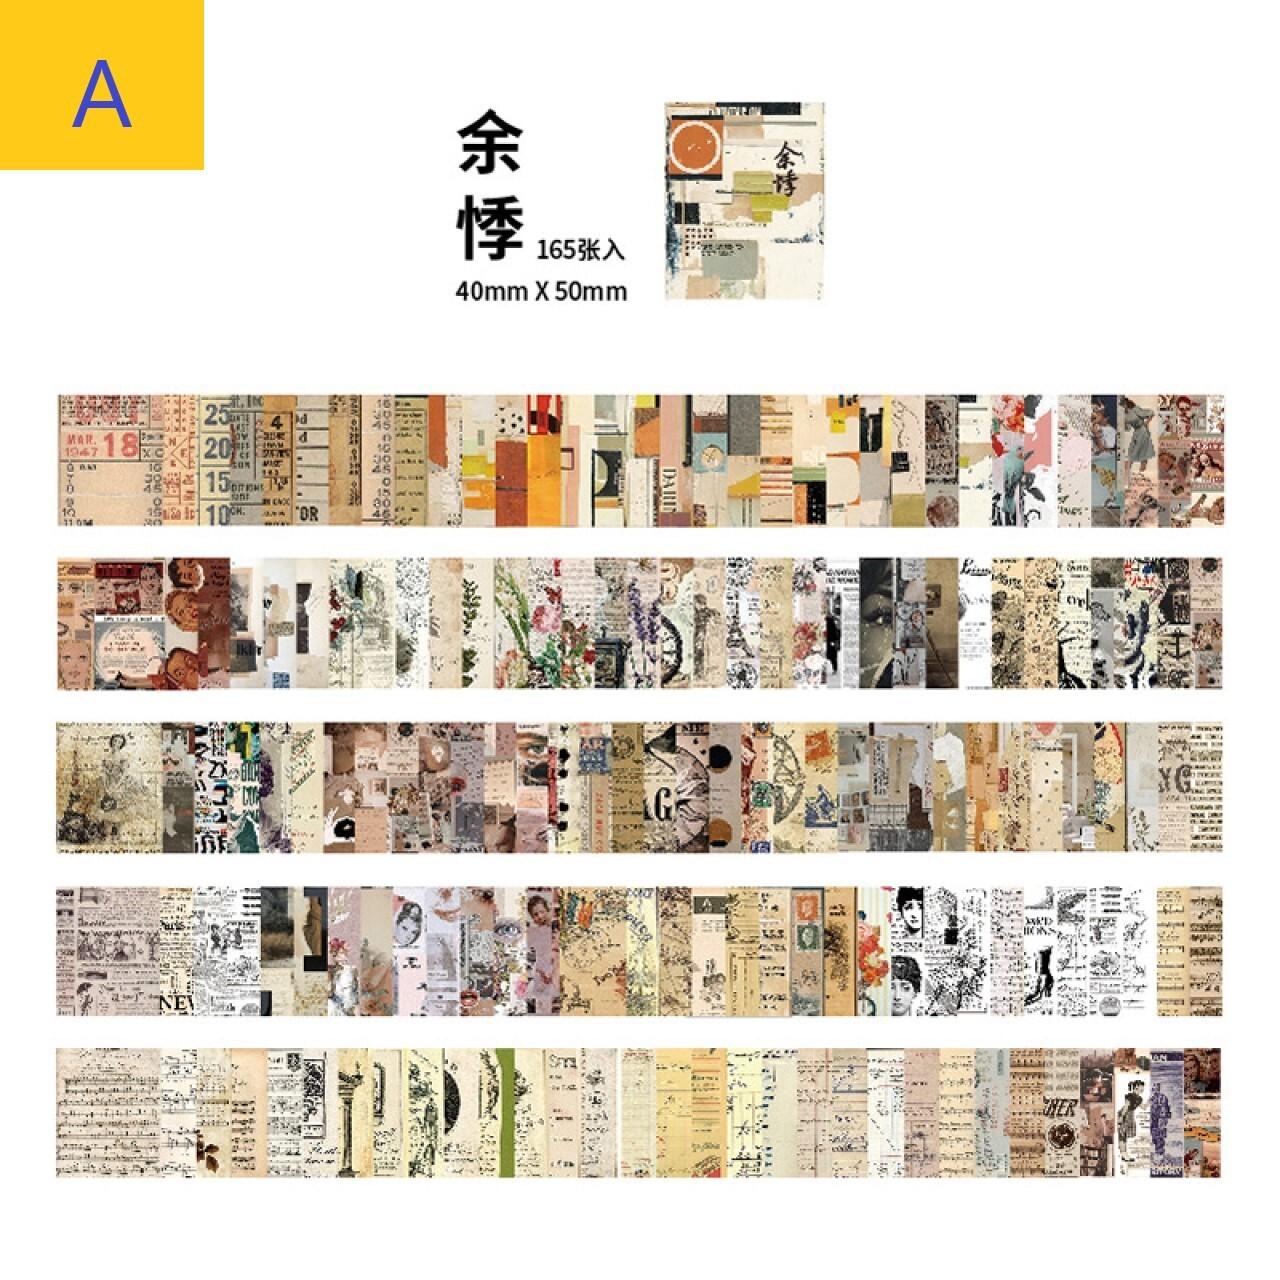 素材紙  全2種 レトロ ミニミニサイズ 紙もの 背景紙 素材 コラージュ ジャンクジャーナル C15